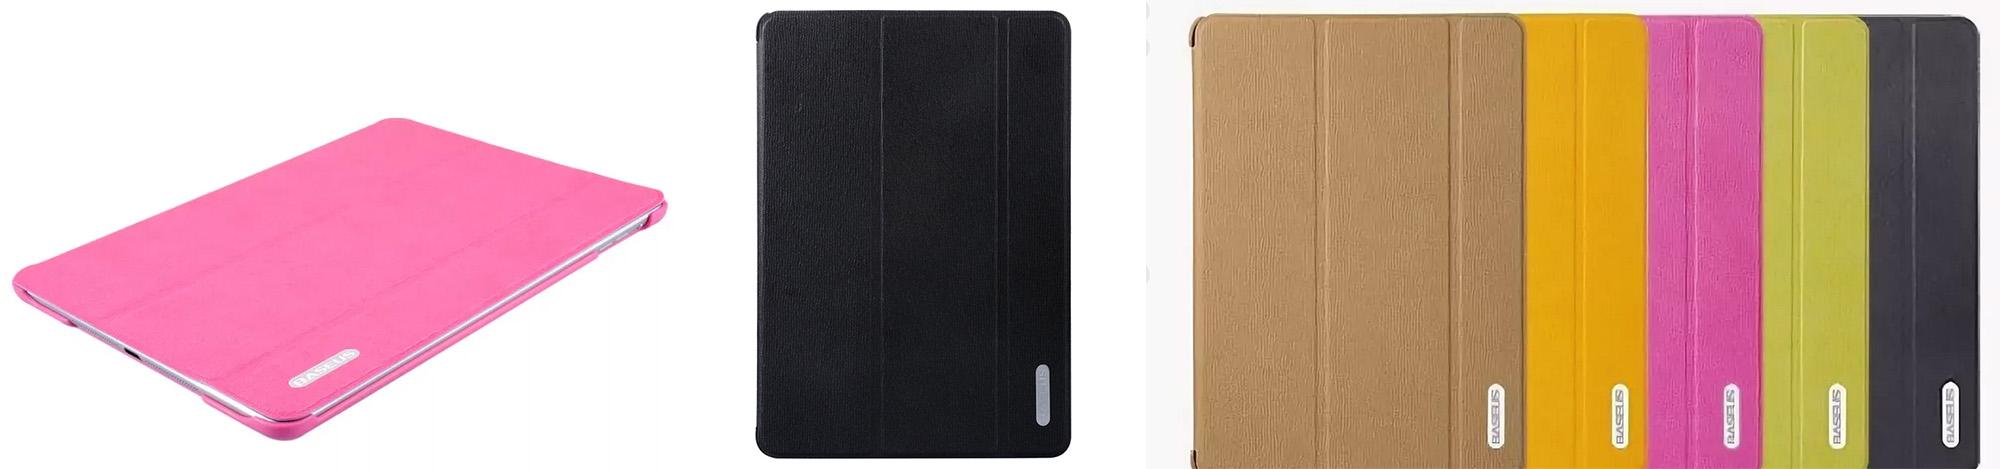 Baseus folio case для iPad Air